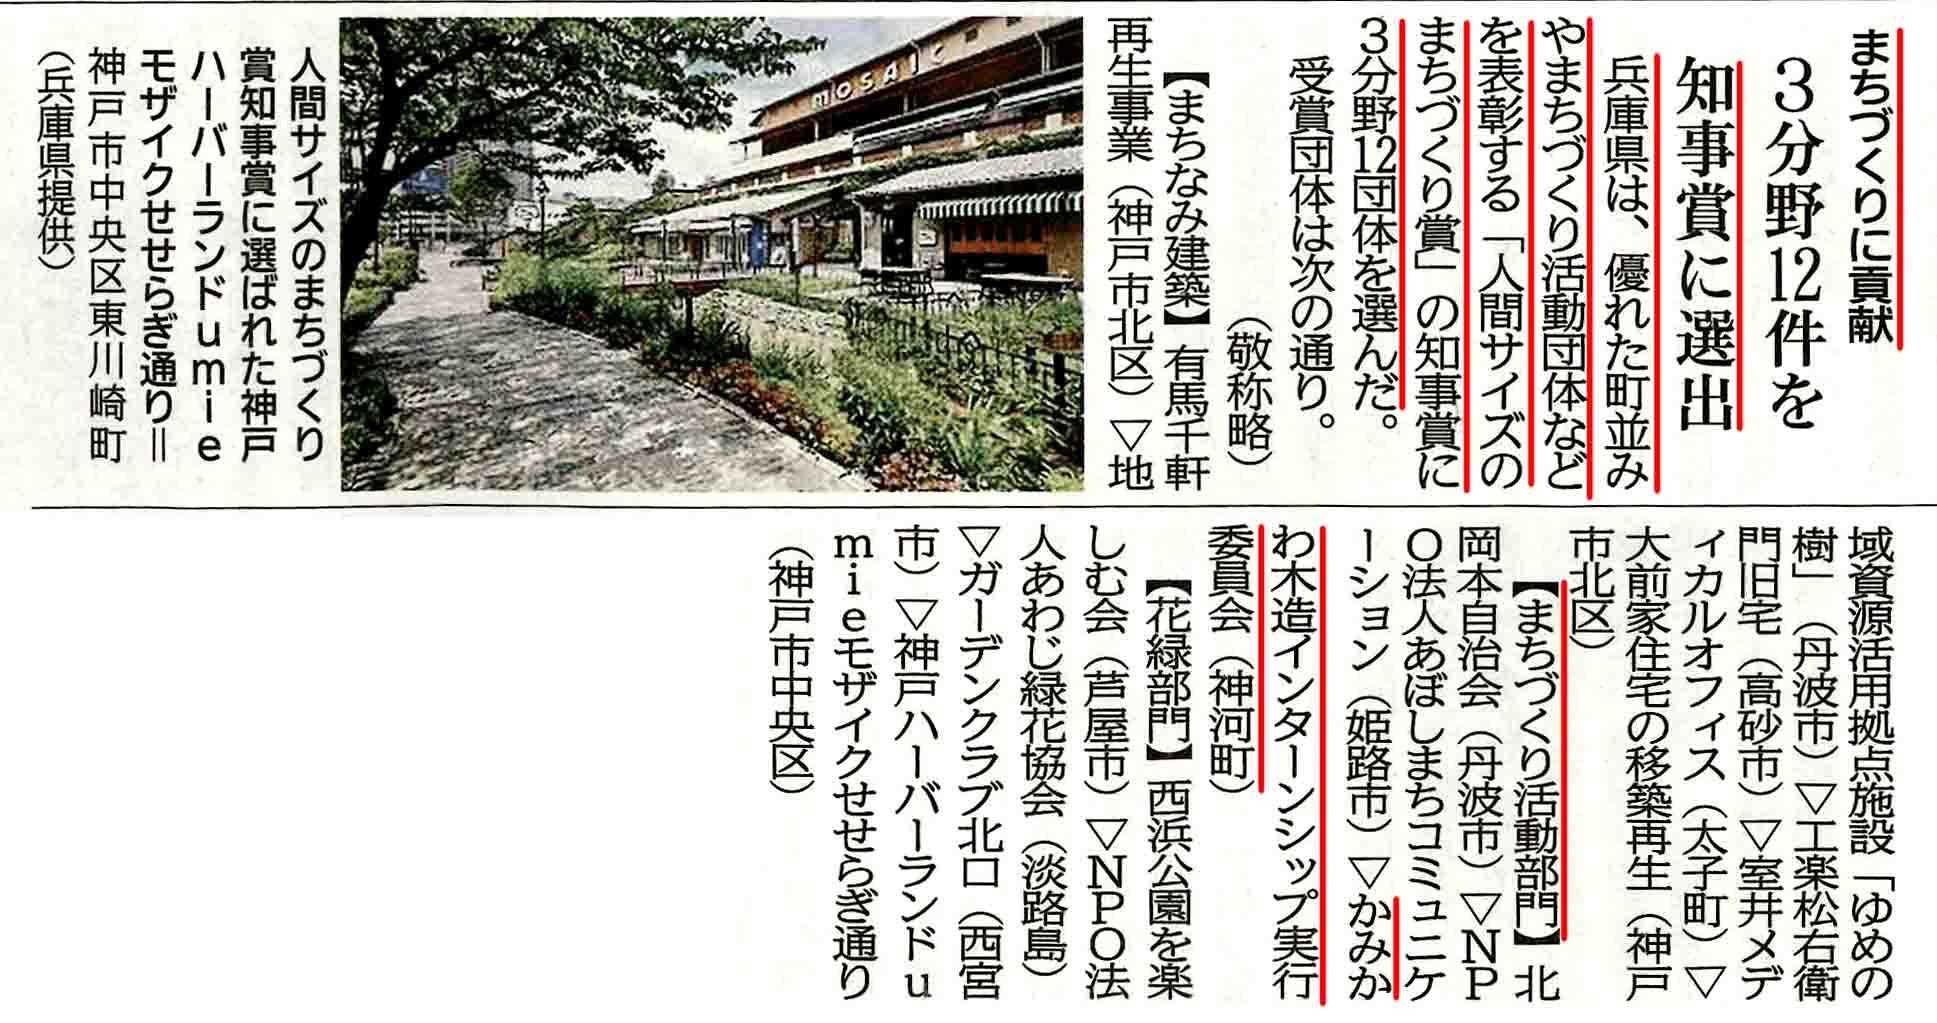 兵庫県知事賞_神戸新聞